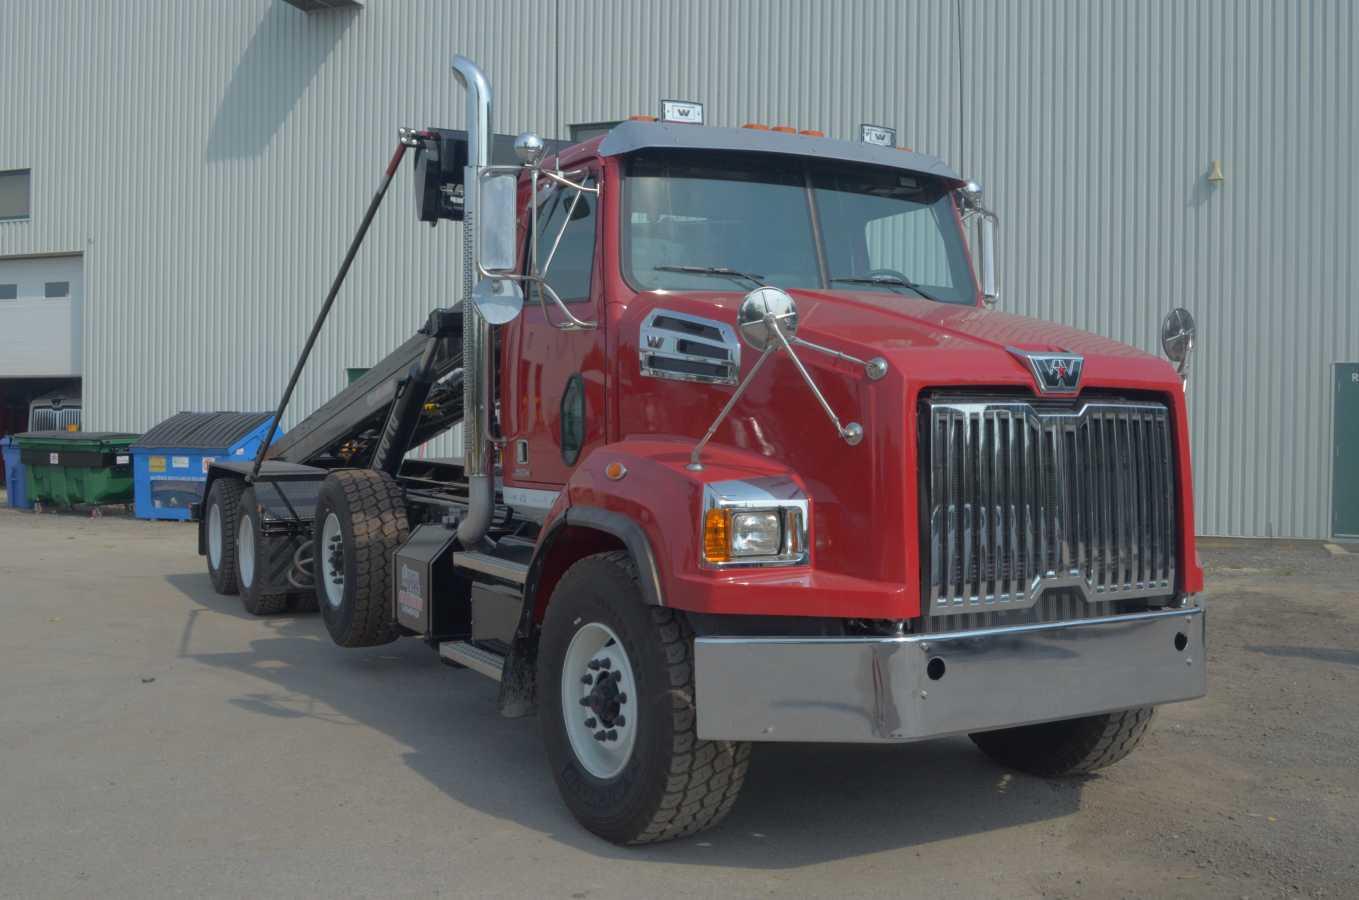 DRC-7526-TS - Système roll-off sans rouleaux « top skid » - 75 000 lb.